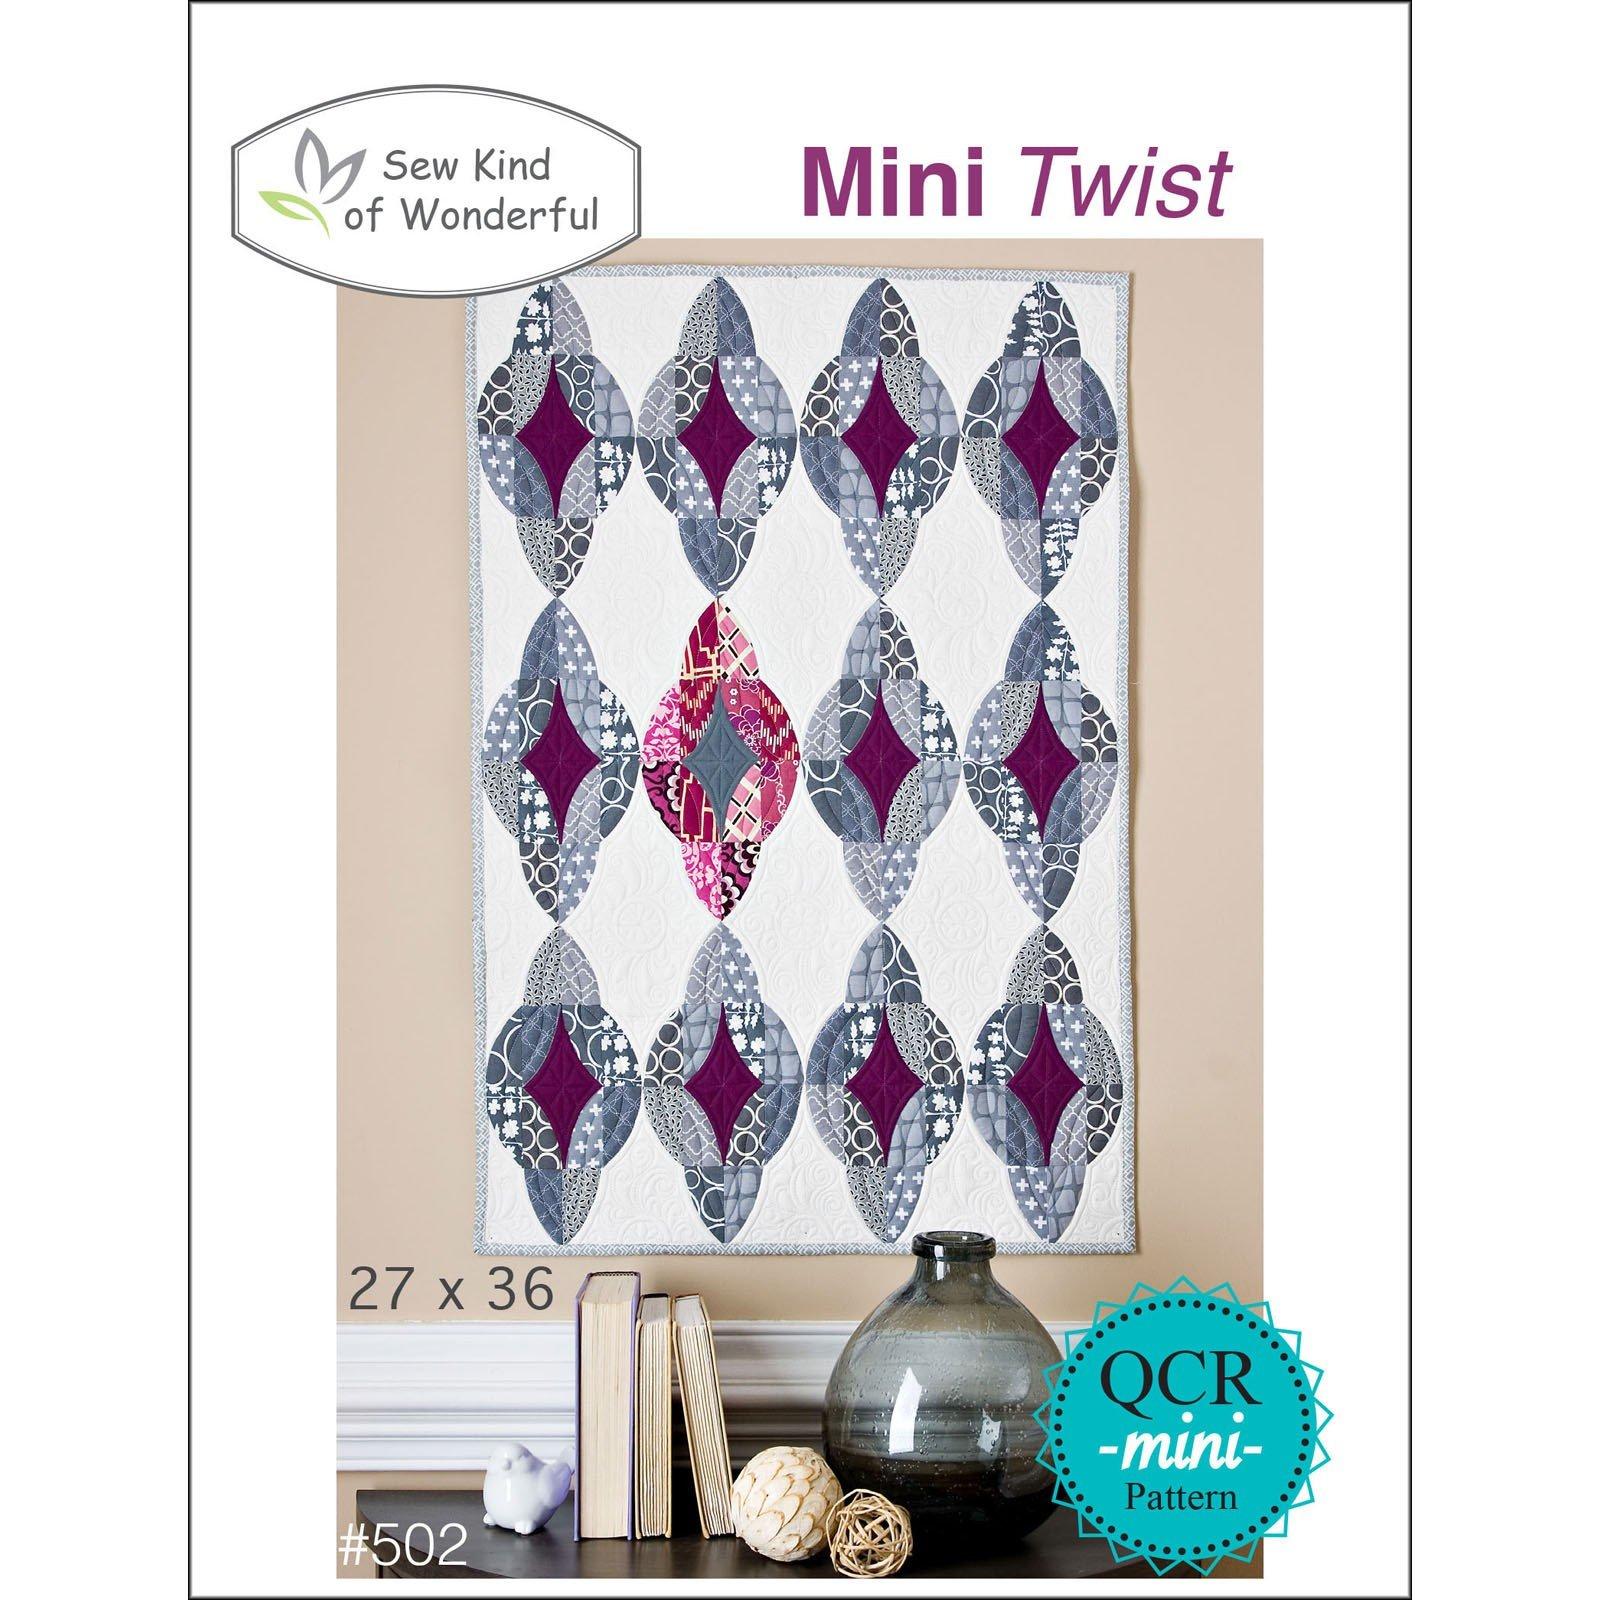 Mini Twist